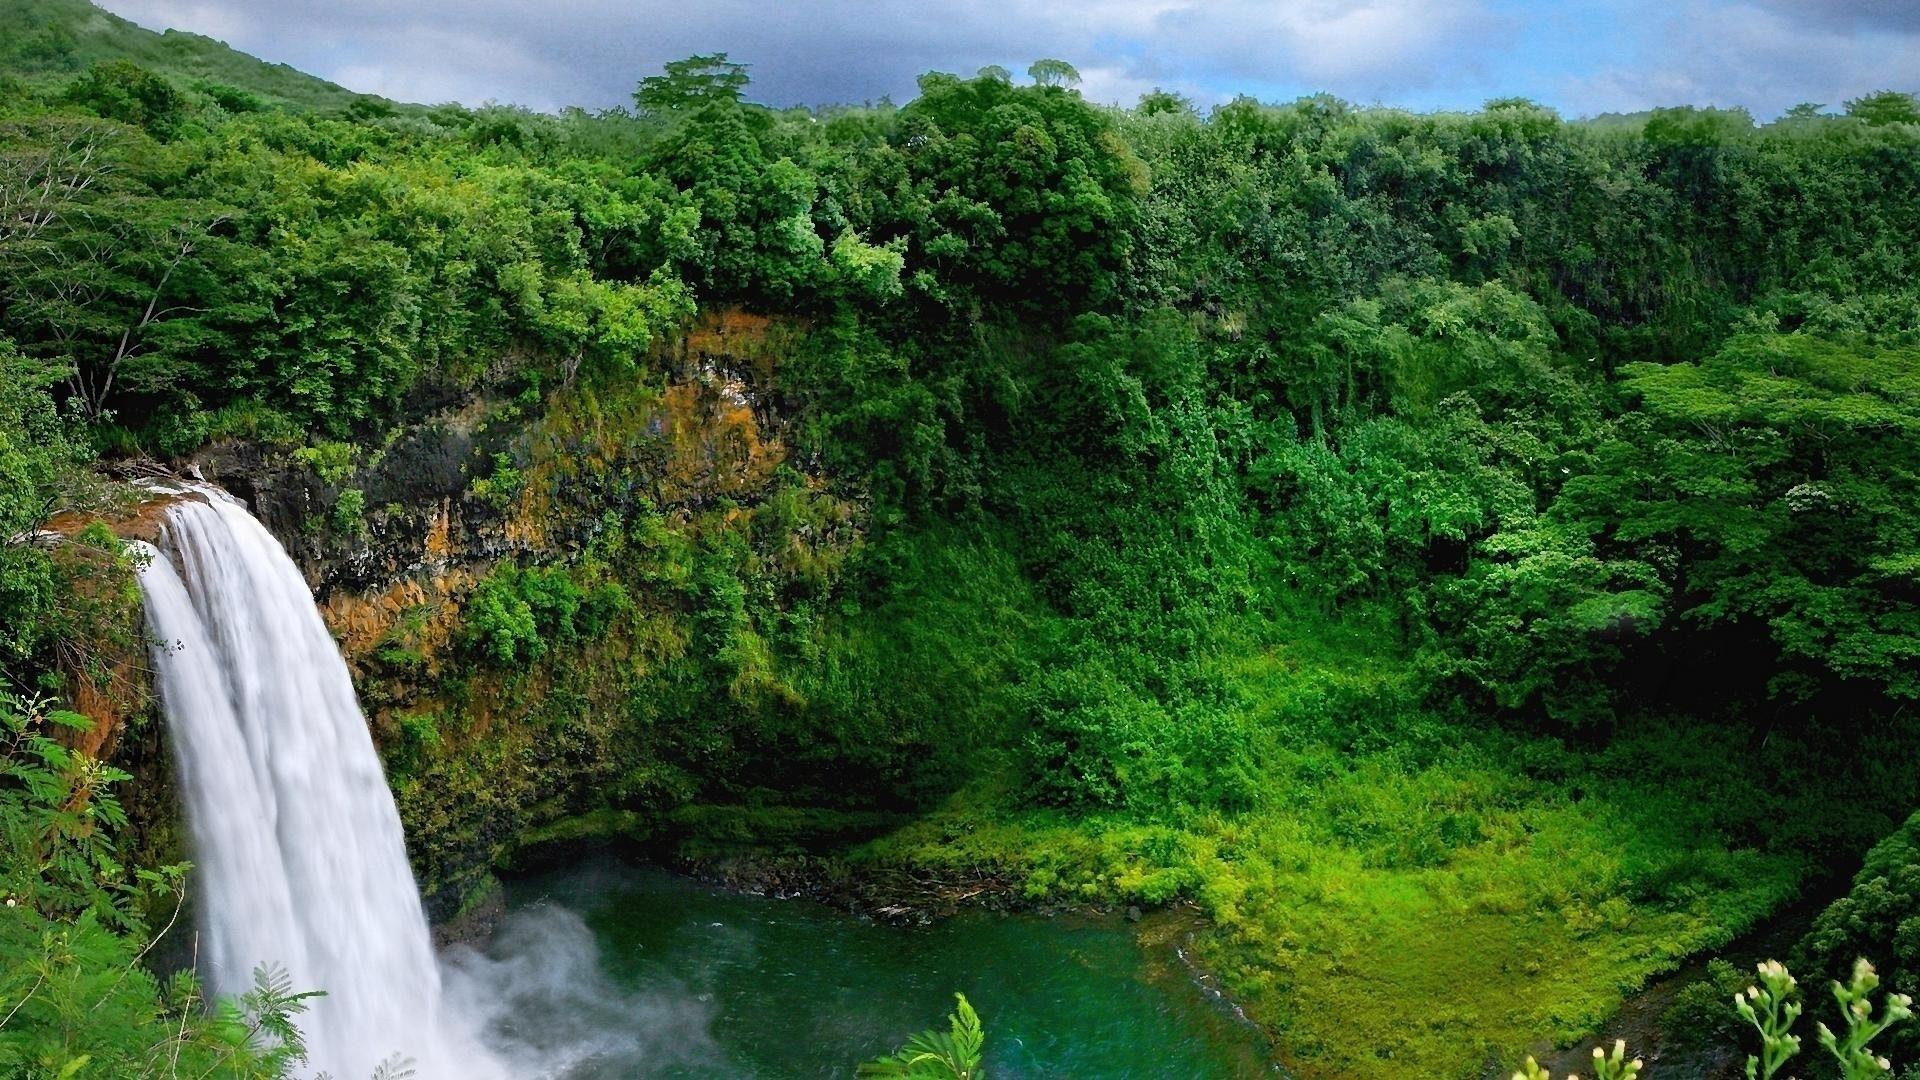 36674 скачать обои Пейзаж, Водопады - заставки и картинки бесплатно